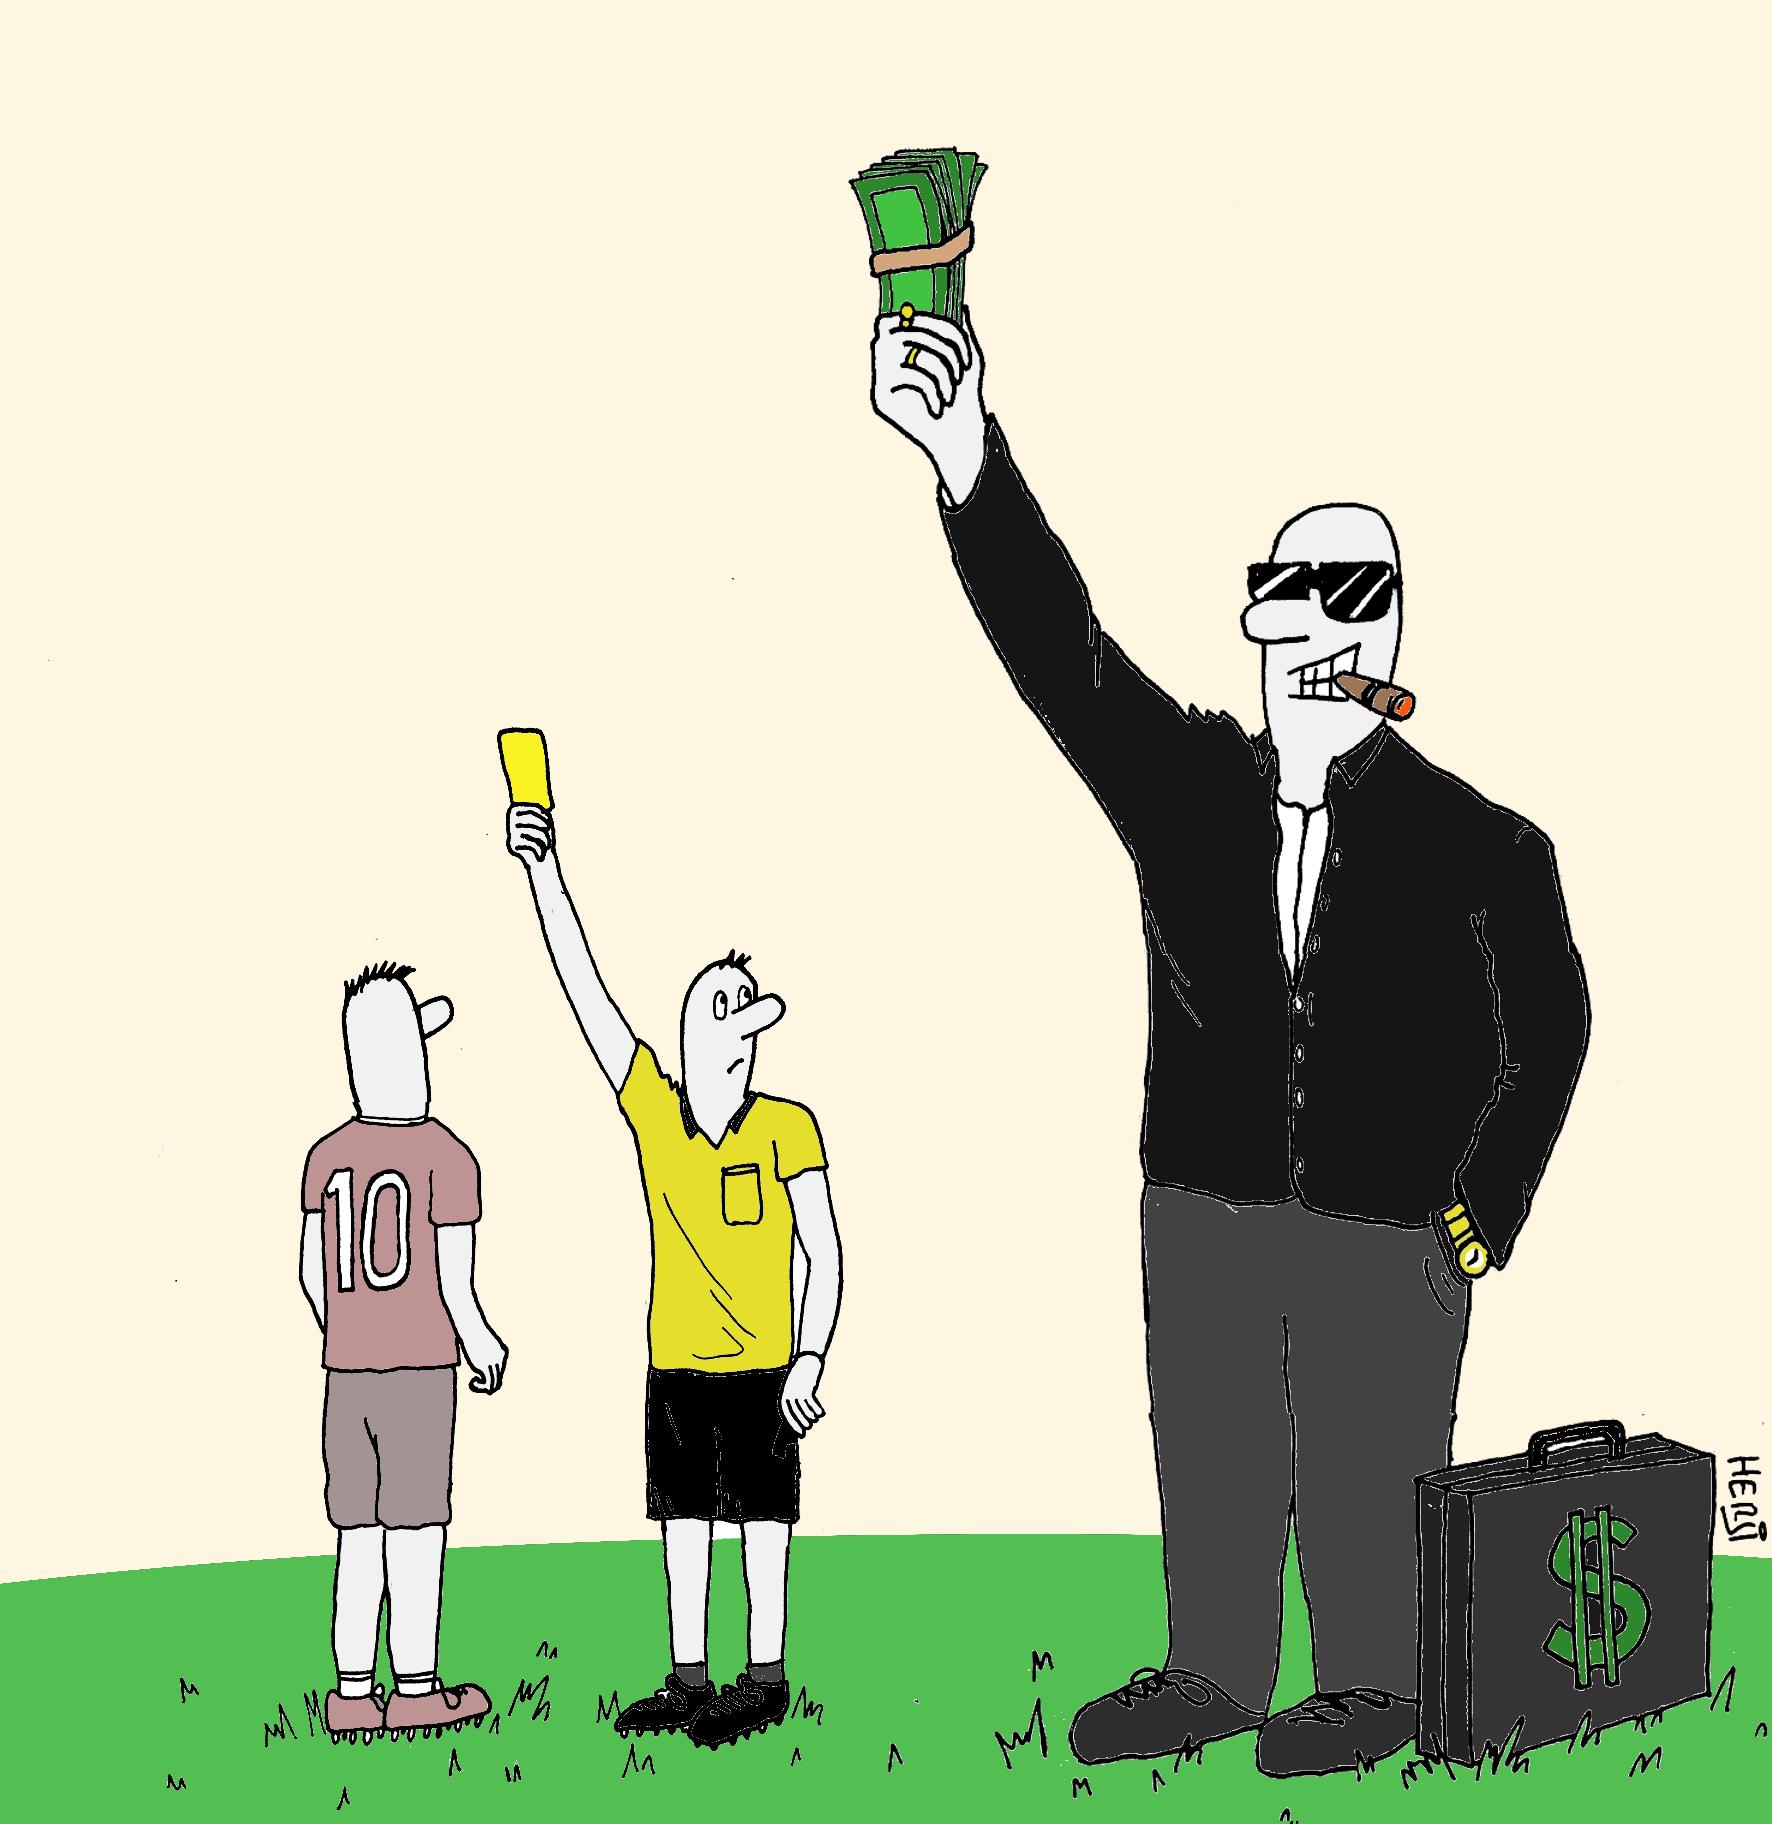 Le foot-business impose ses règles